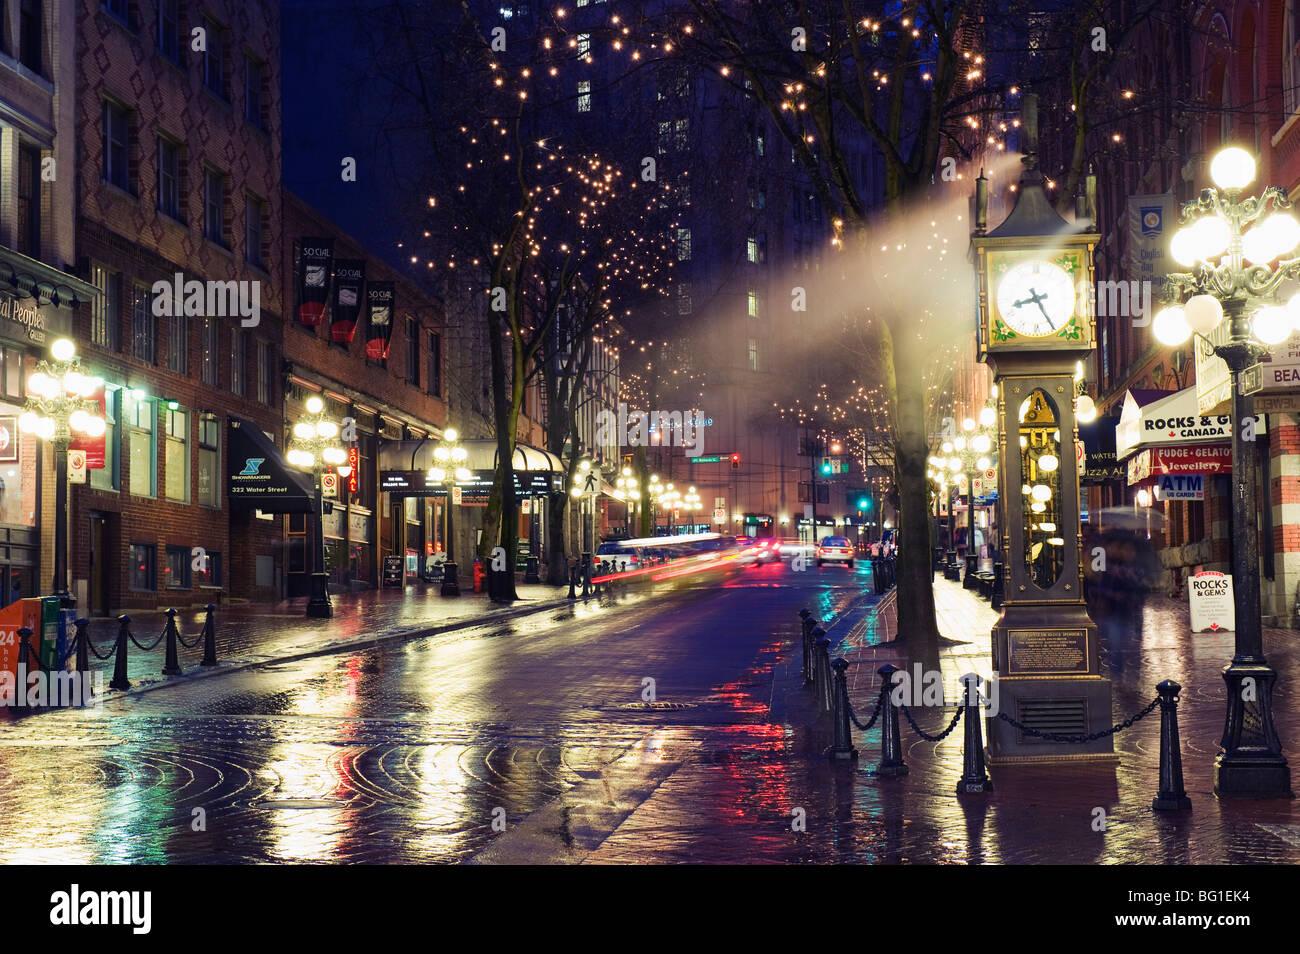 Die Dampf-Uhr in der Nacht auf Water Street, Gastown, Vancouver, Britisch-Kolumbien, Kanada, Nordamerika Stockbild